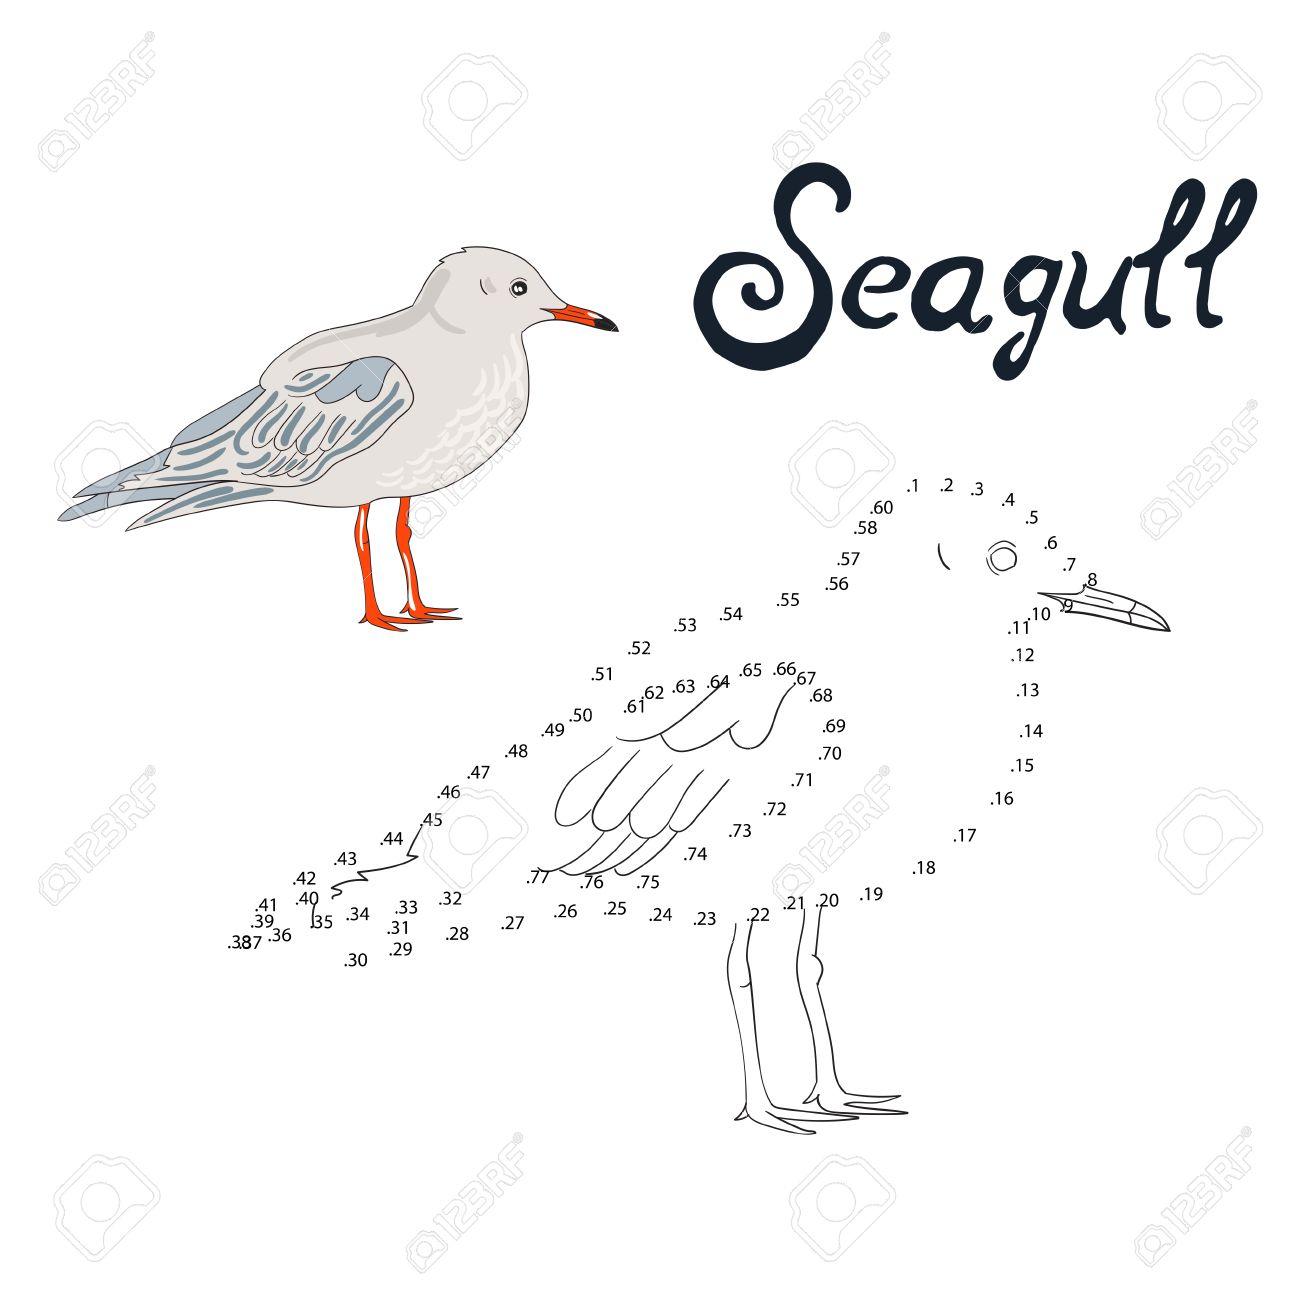 Jeu Éducatif Relier Les Points Pour Dessiner Oiseau Mouette Doodle Dessin  Animé Main Illustration Vectorielle Dessinée serapportantà Relier Les Points De 1 À 30